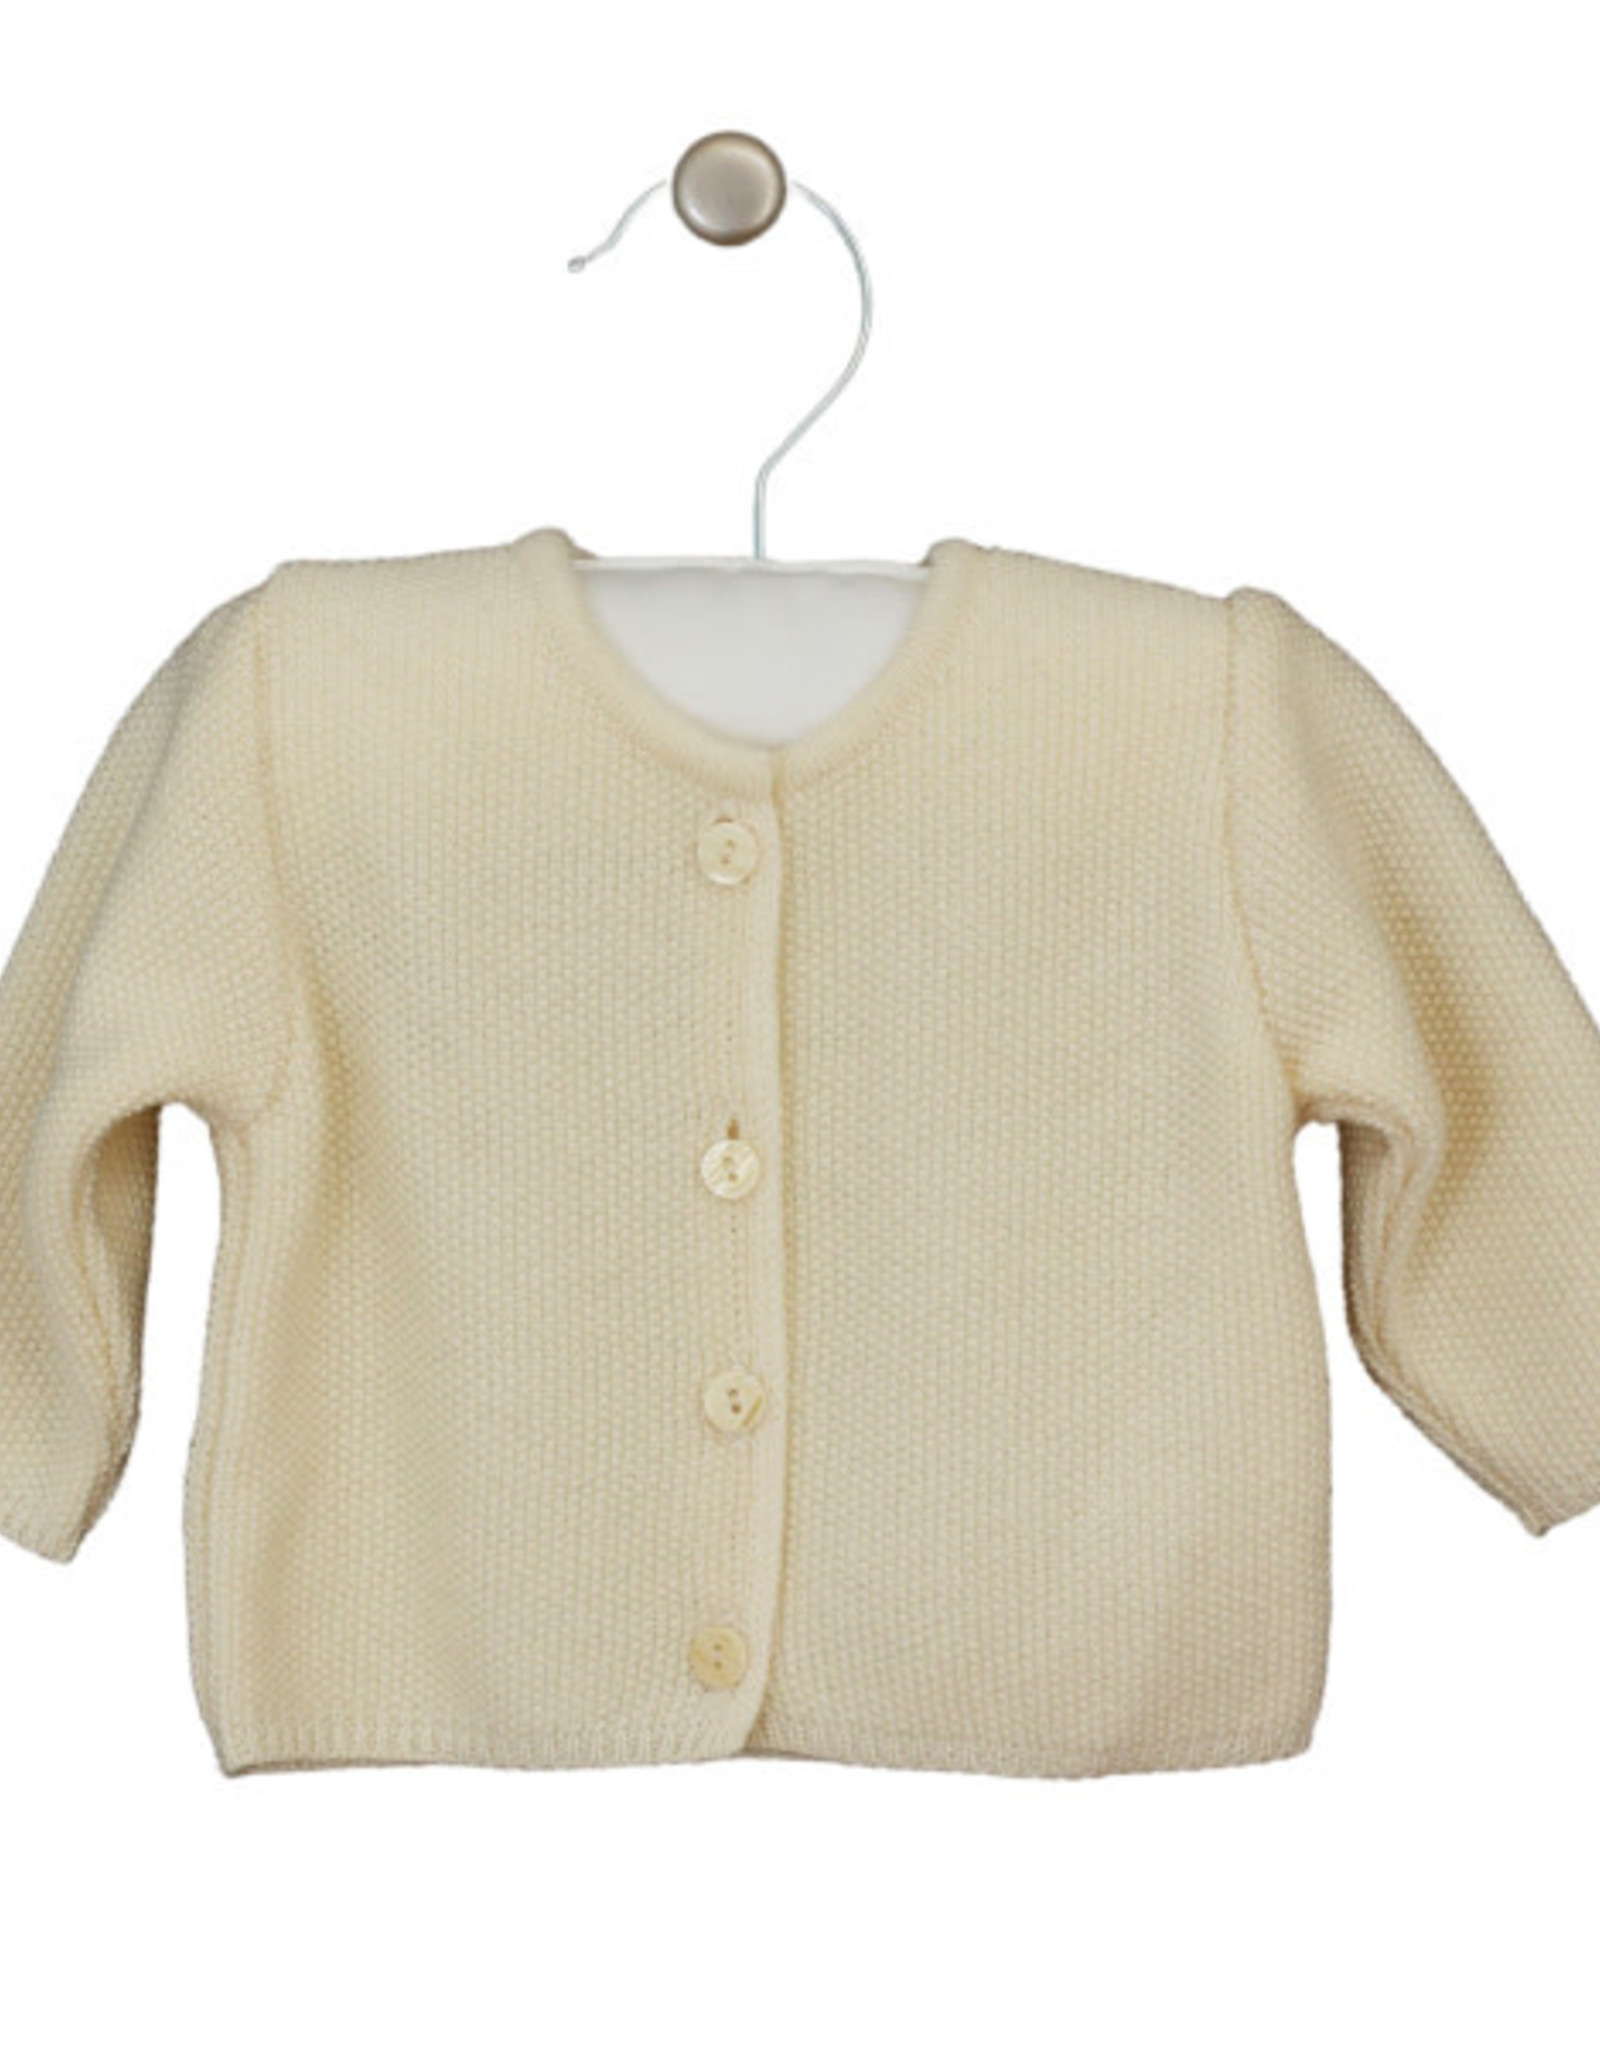 Lorita Jacket Merino Wool 1447 G